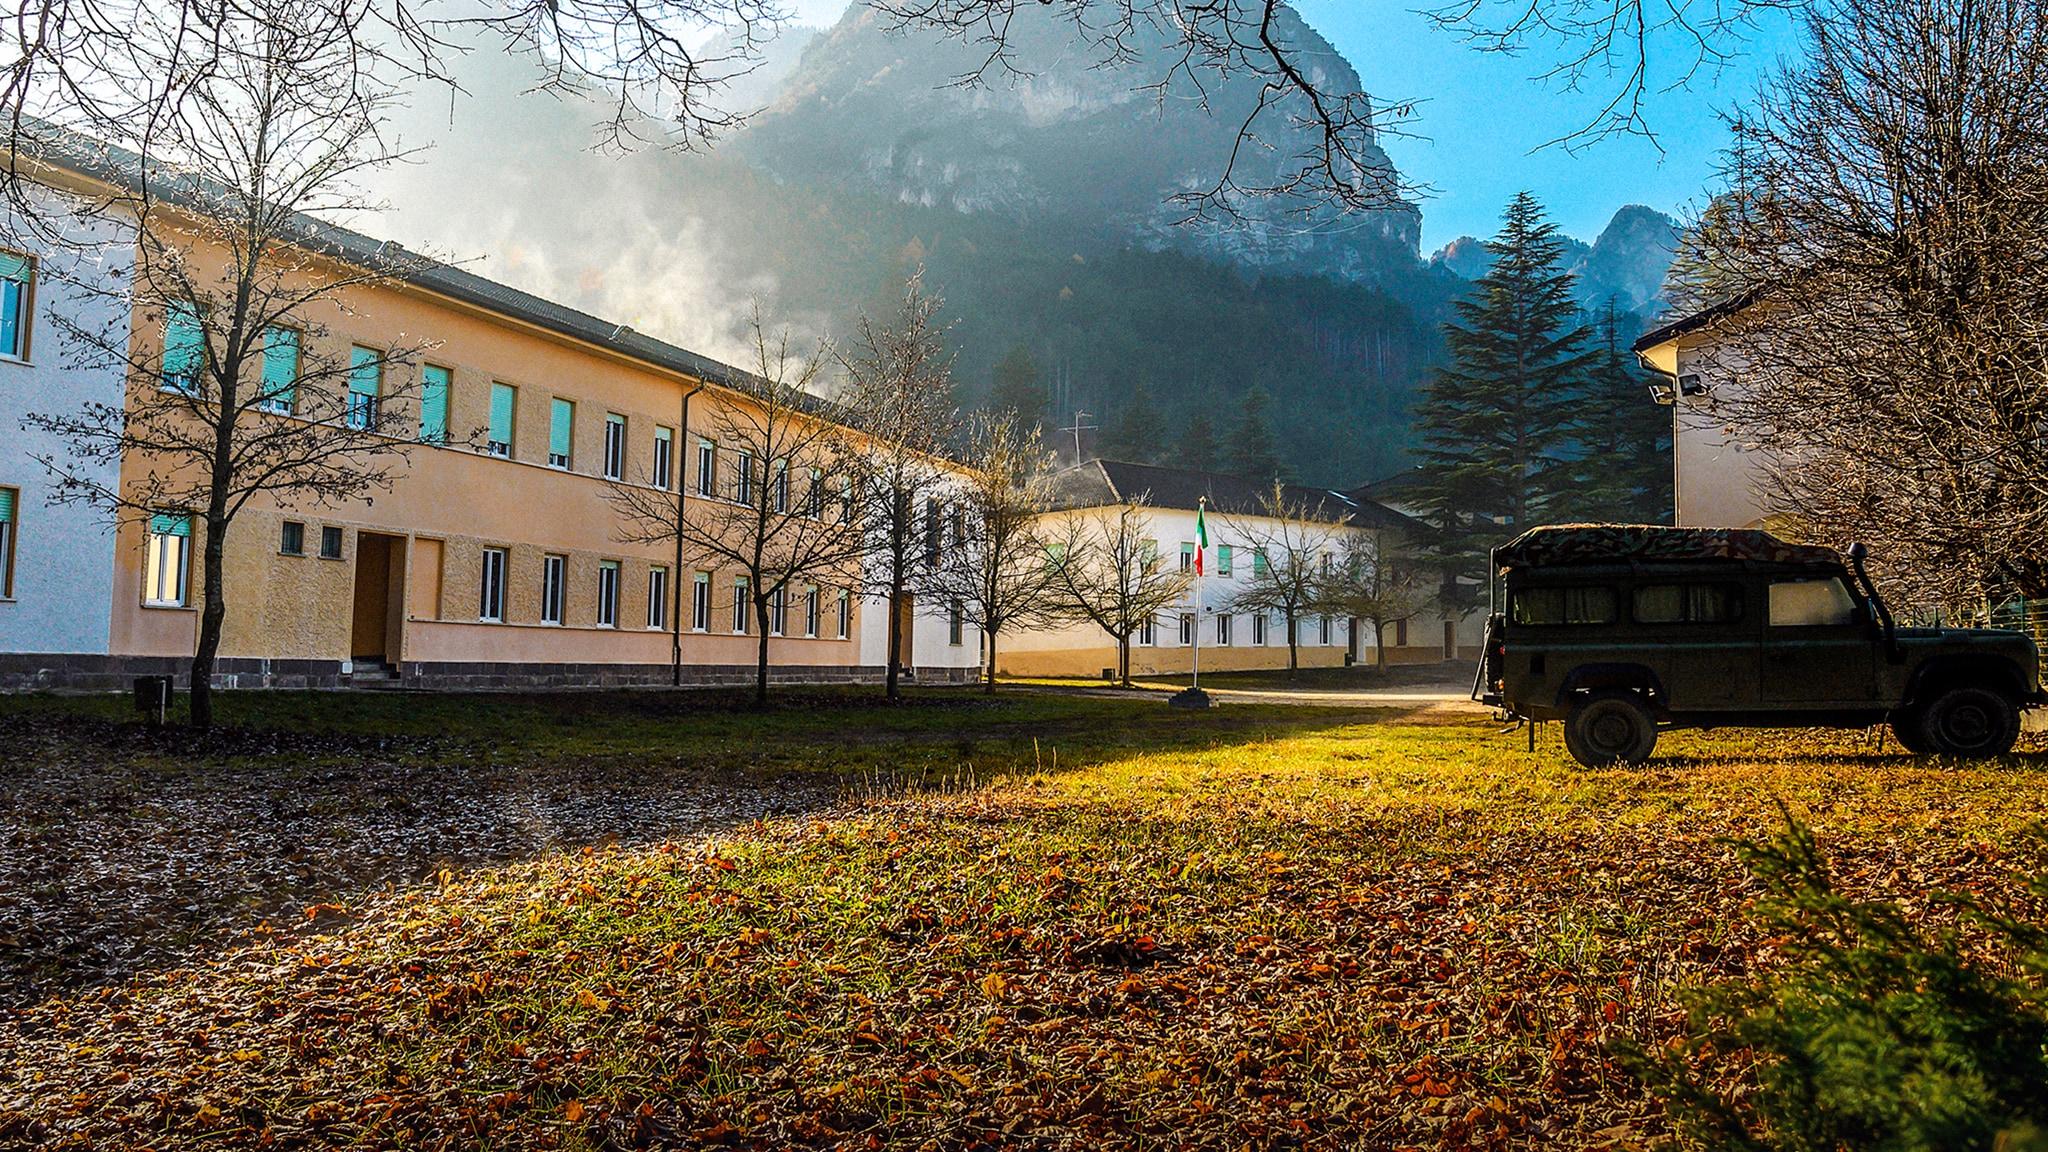 Rai Gulp La Caserma - S1E4 - Camminando nella storia